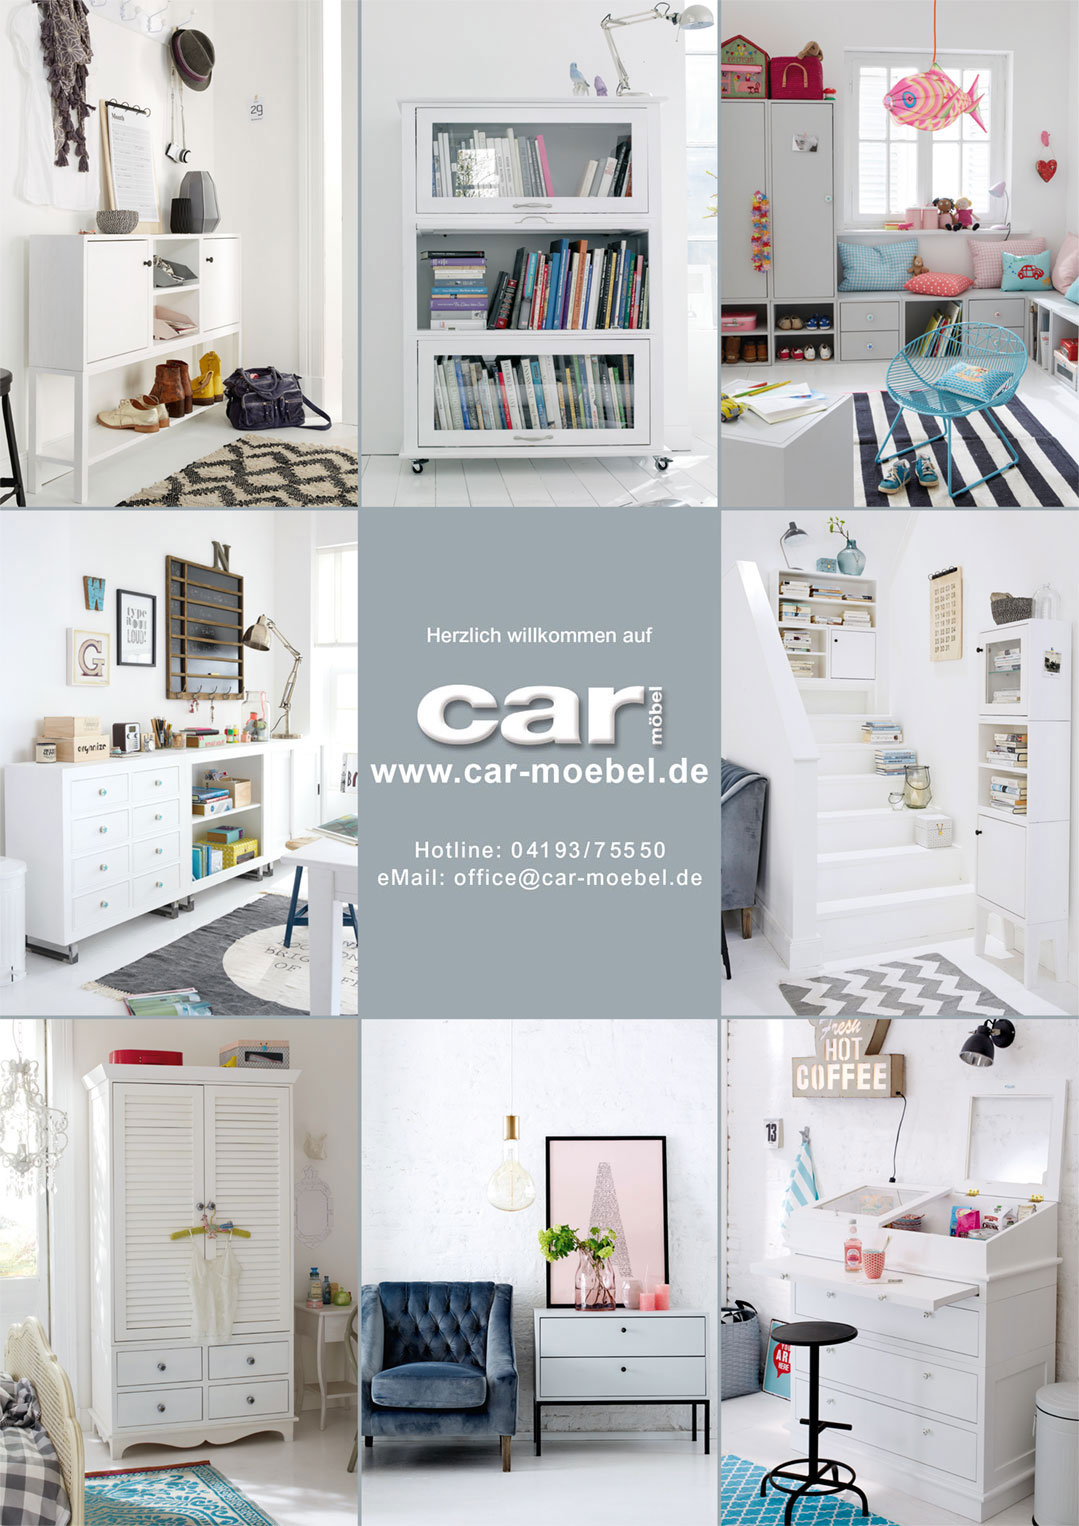 niedlich car mobel hamburg zeitgen ssisch die besten wohnideen. Black Bedroom Furniture Sets. Home Design Ideas